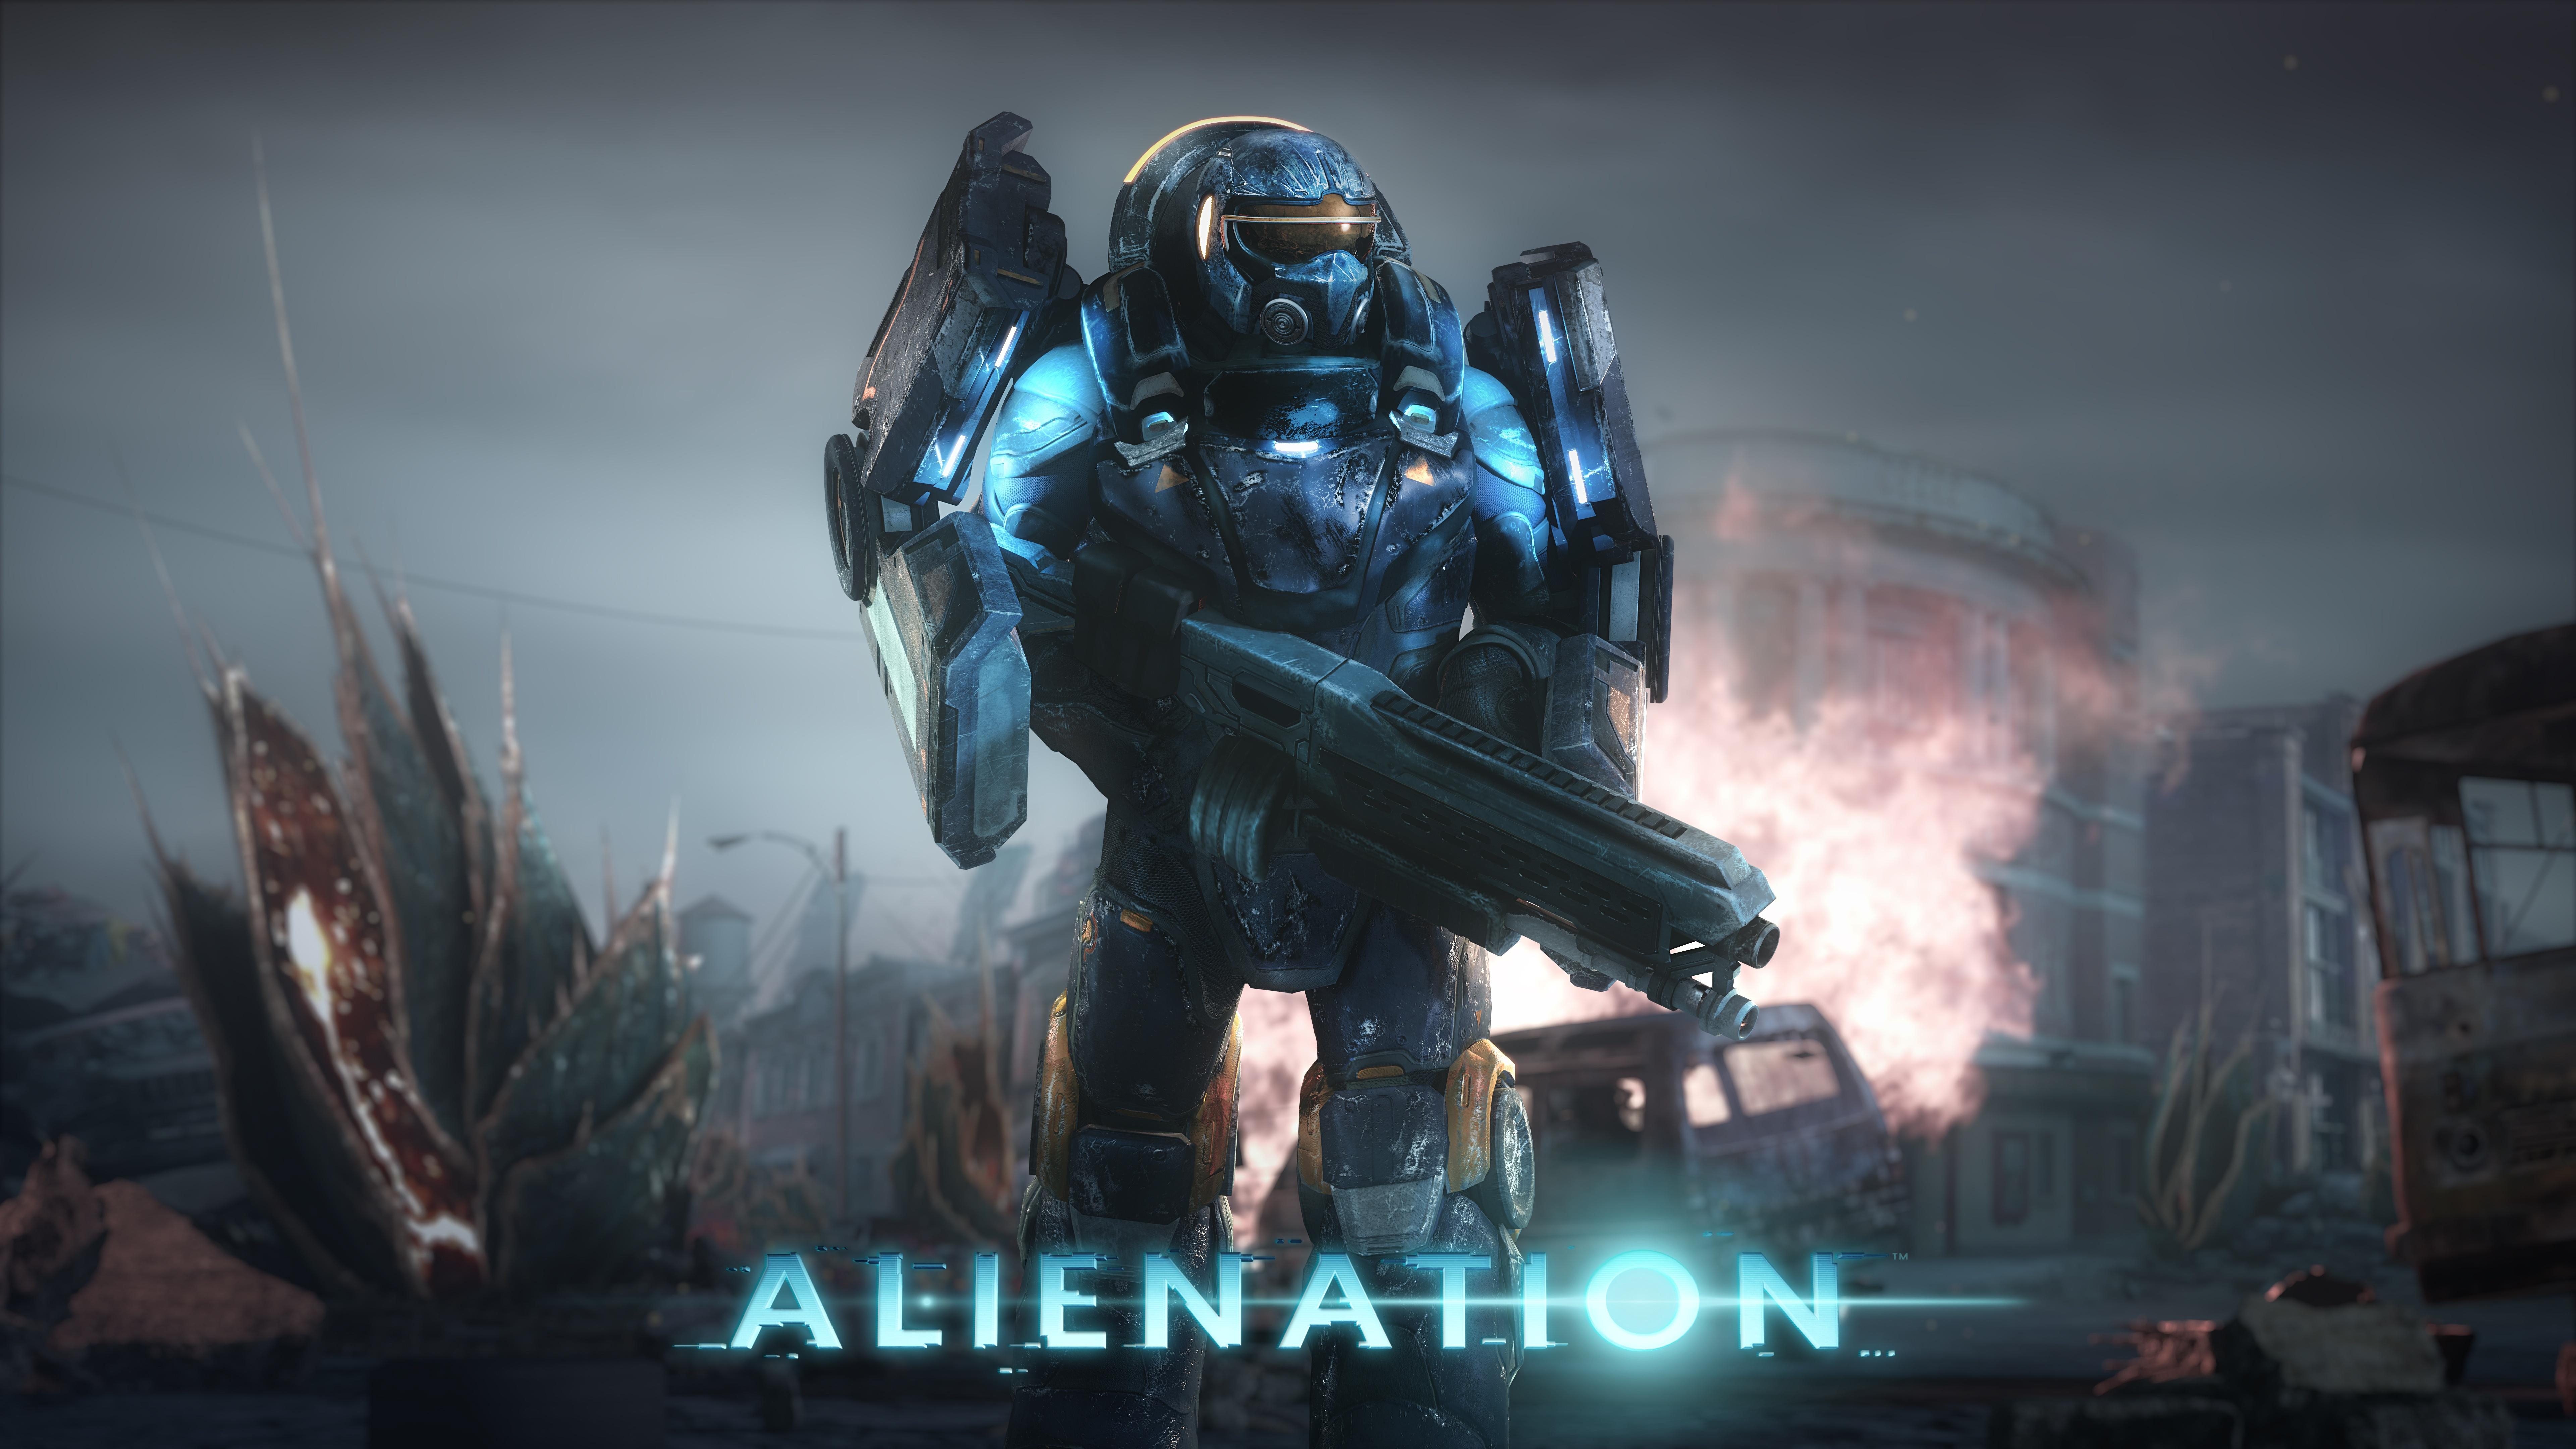 Alienation PS4 Game 4K 8K HD Wallpaper   iHD Wallpapers 7680x4320